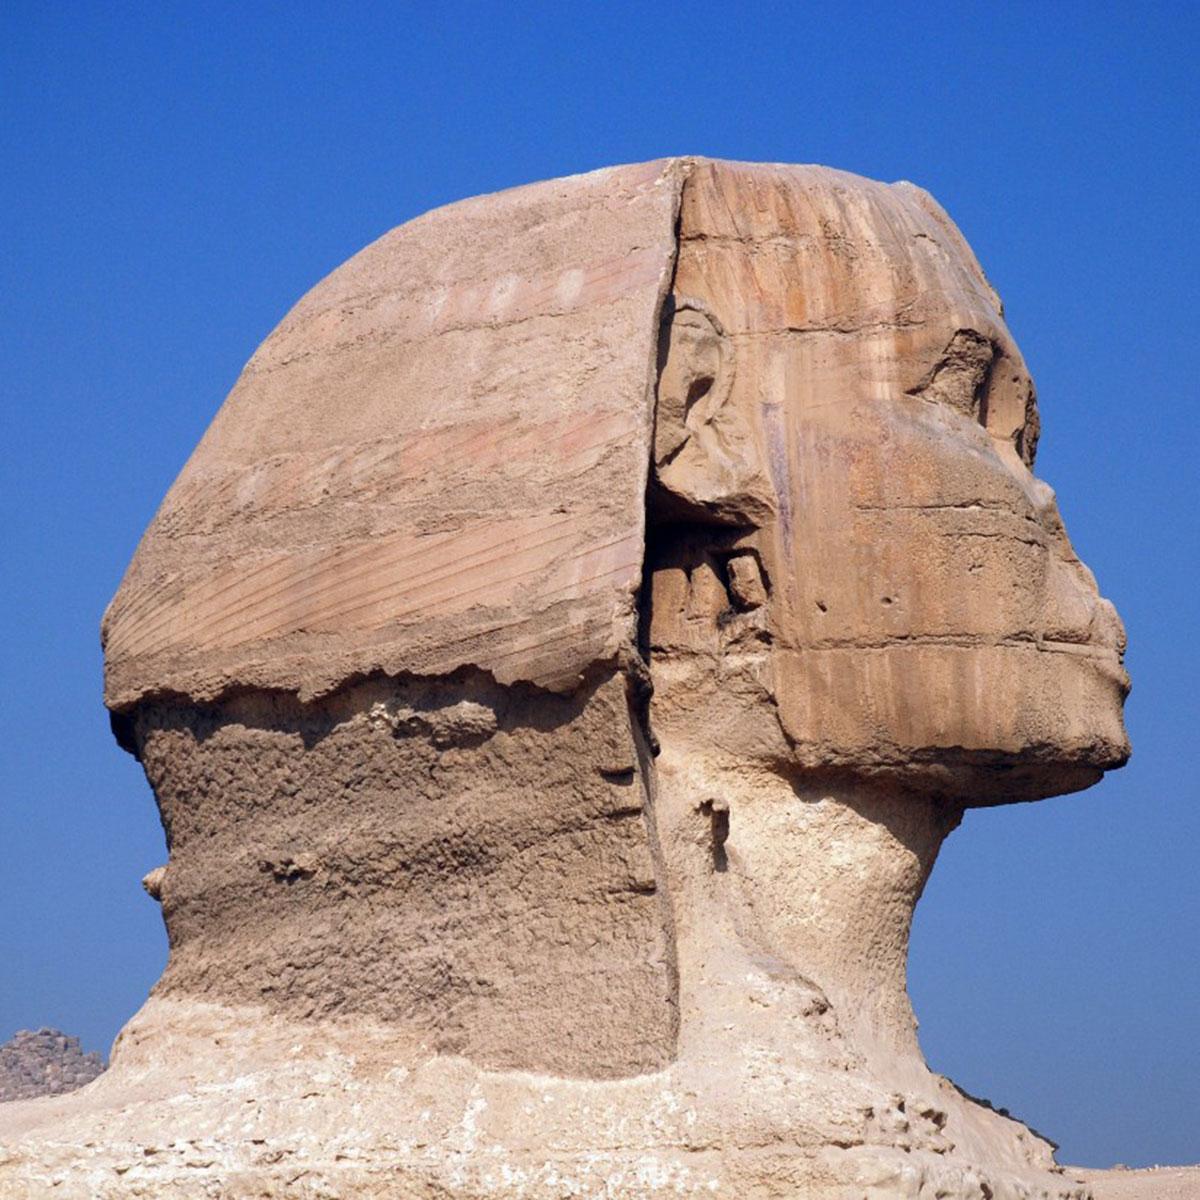 myt-egypt-02